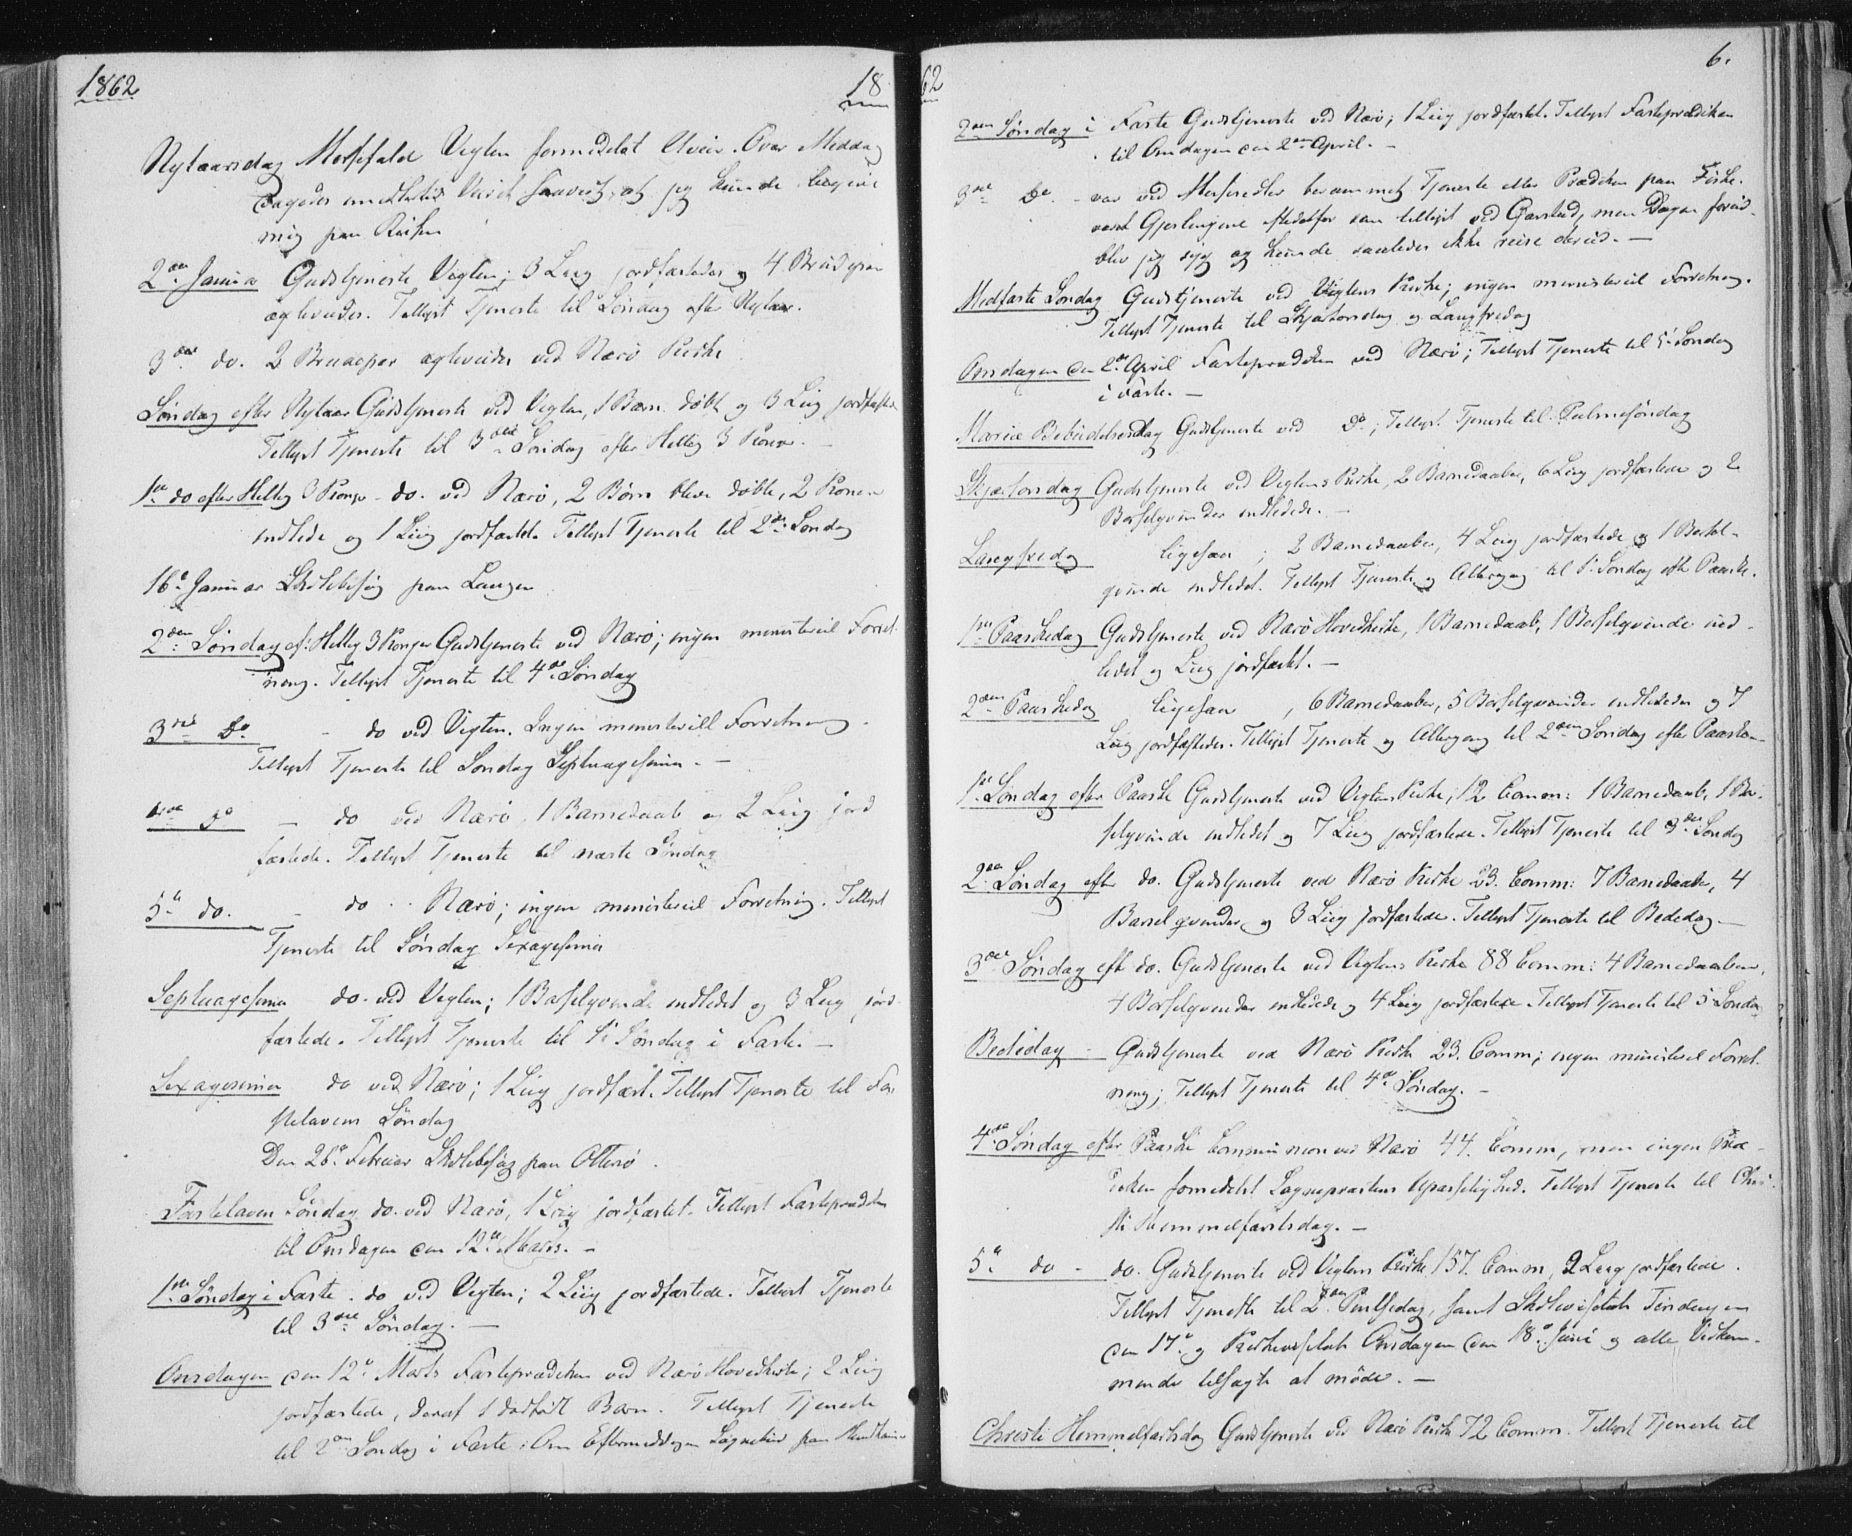 SAT, Ministerialprotokoller, klokkerbøker og fødselsregistre - Nord-Trøndelag, 784/L0670: Ministerialbok nr. 784A05, 1860-1876, s. 6